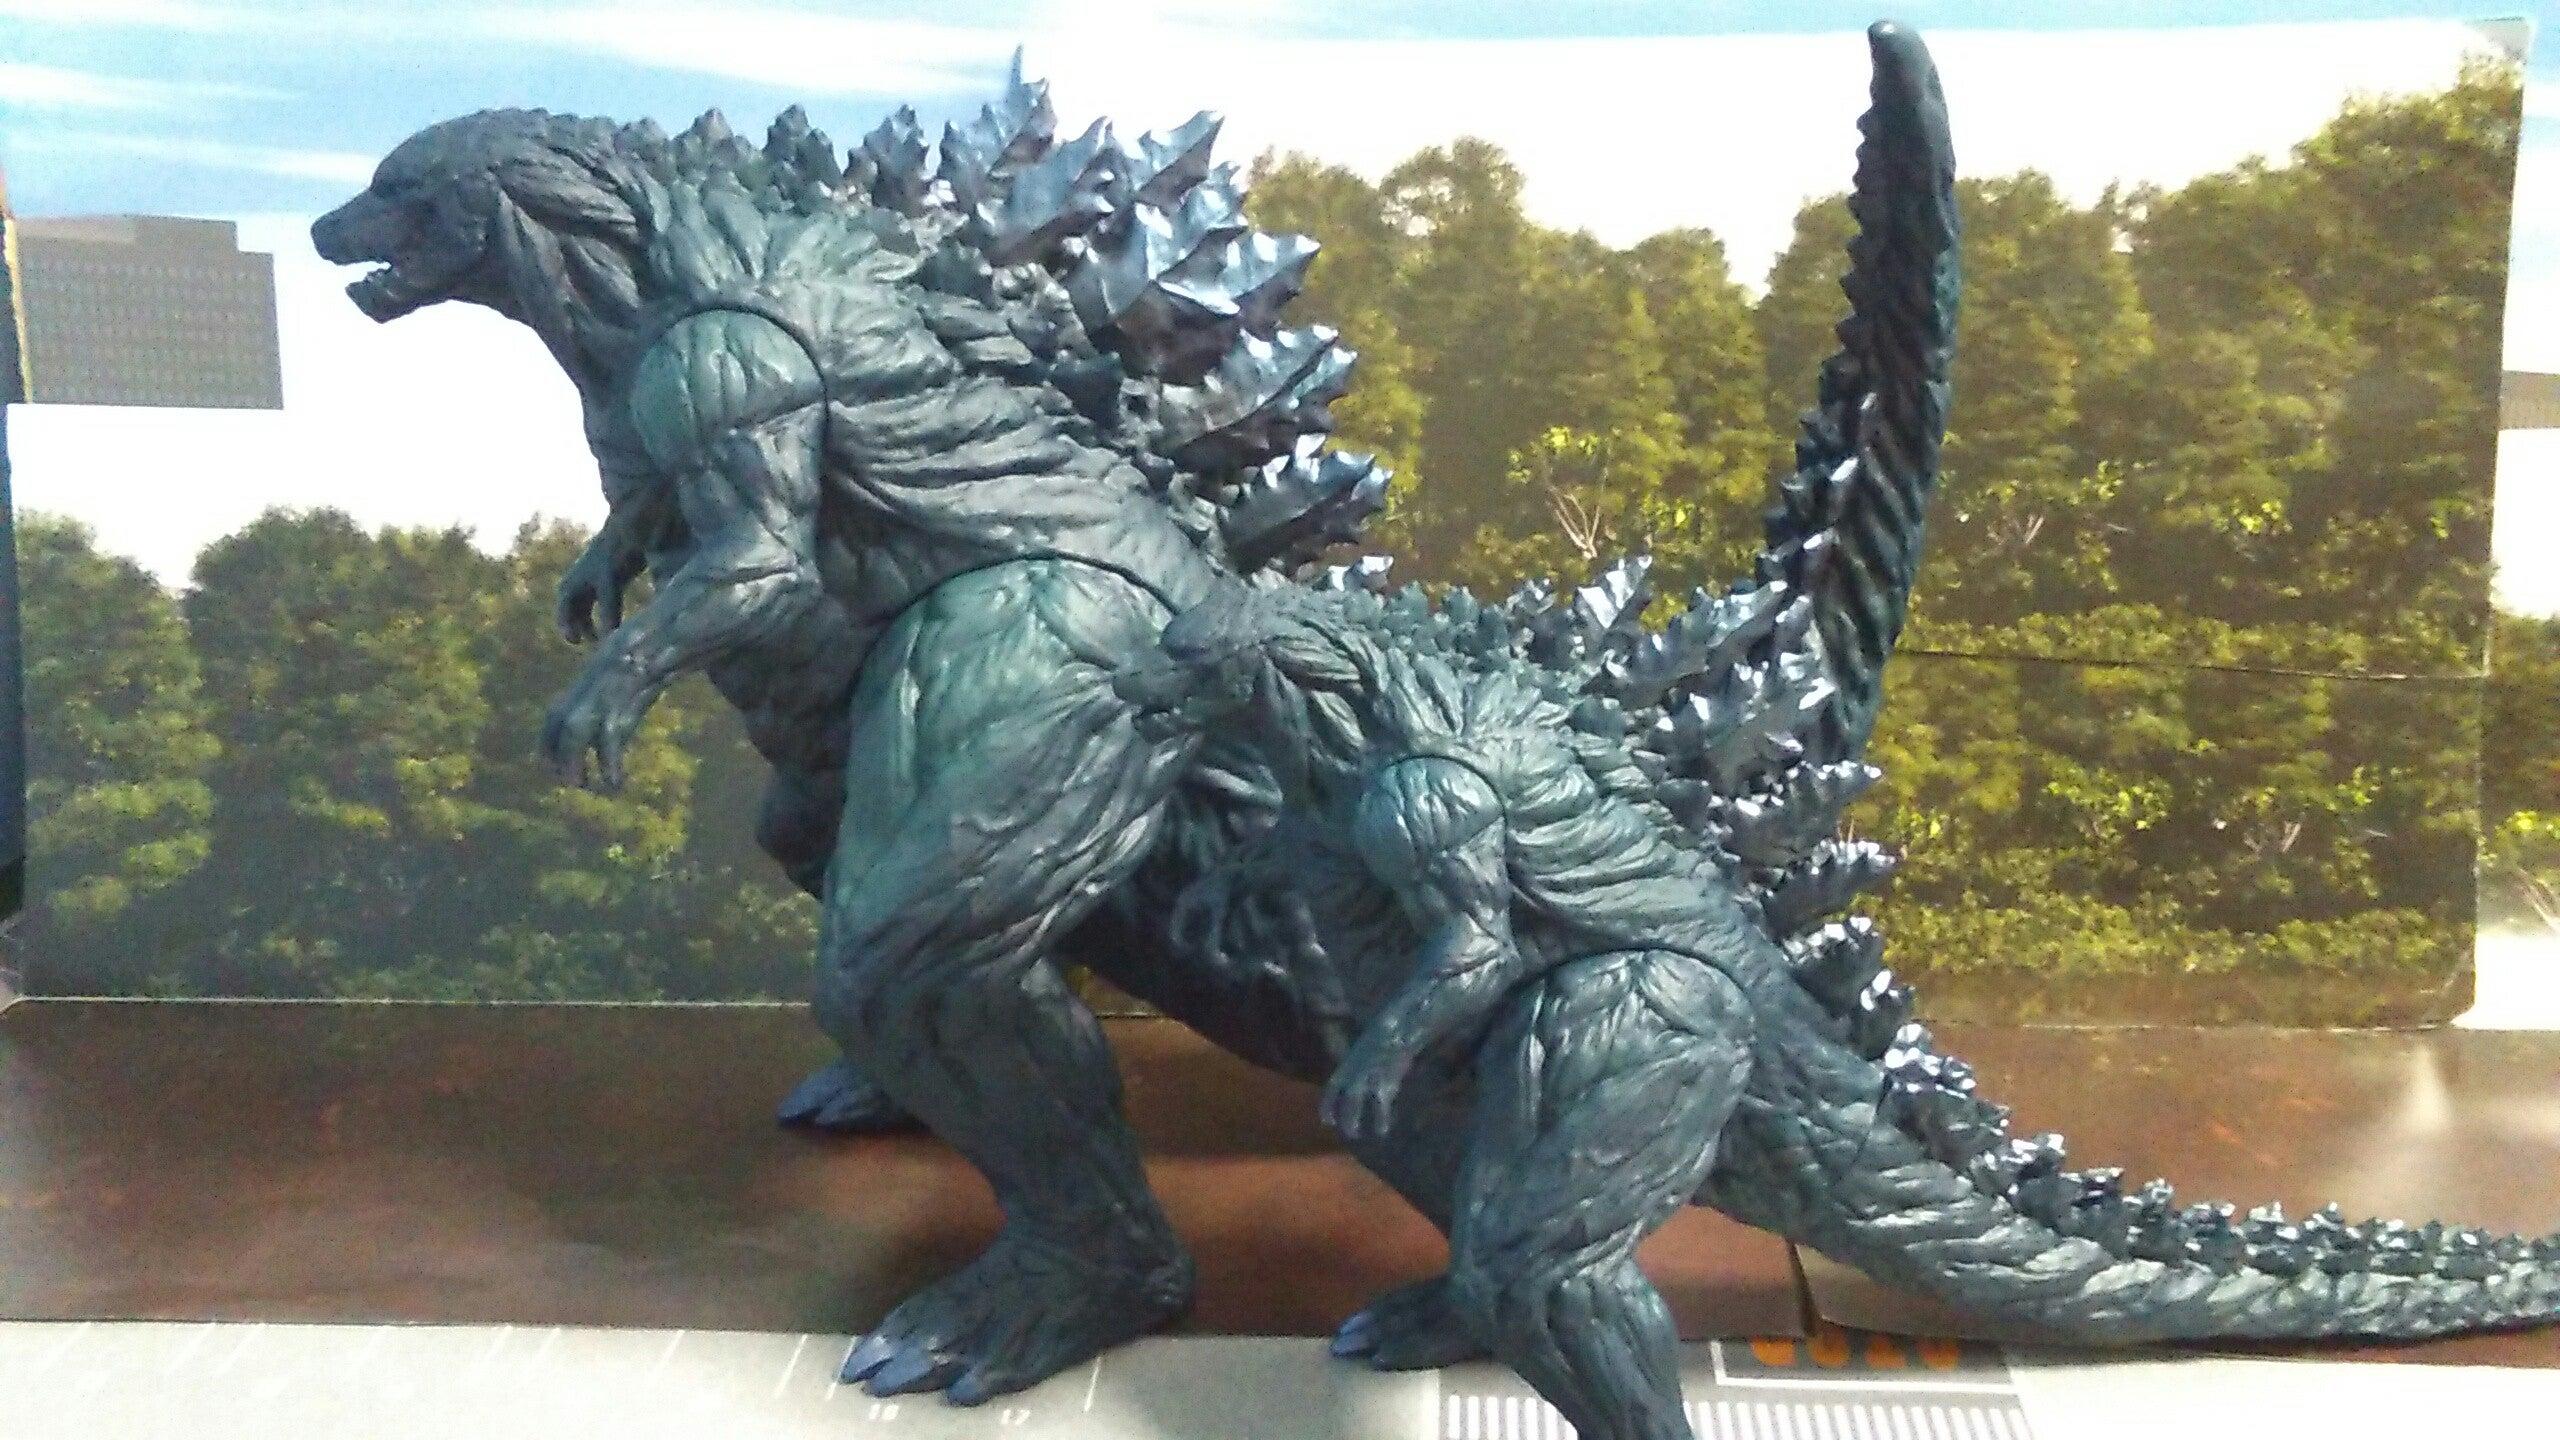 ムービーモンスターと比べて、造形は尻尾しか違いませんが、大きい故に迫力が違います。 アースとフィリウス